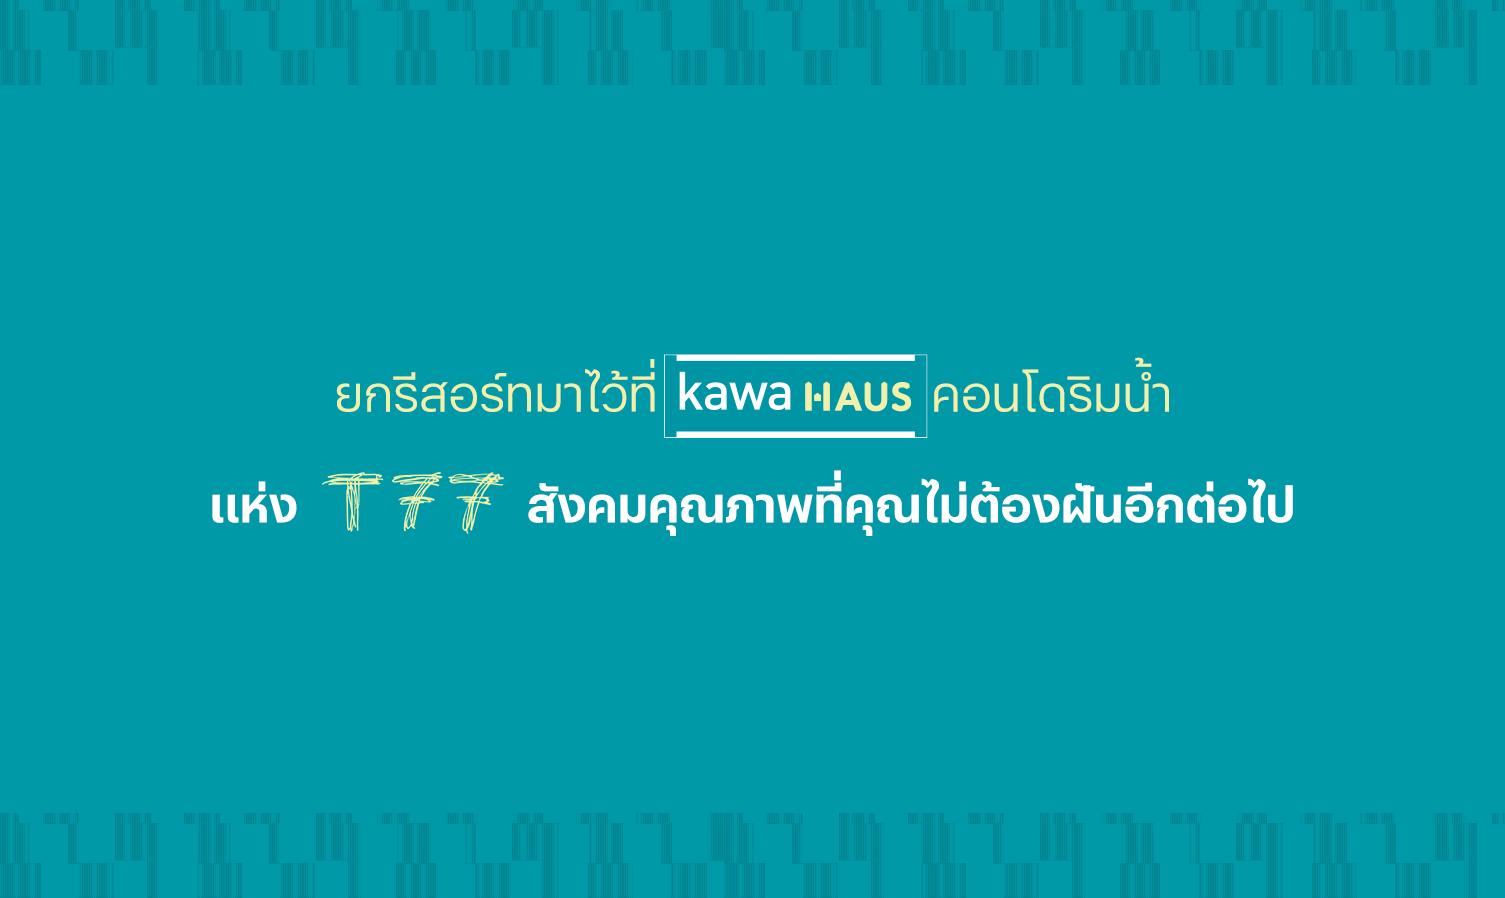 ยกรีสอร์ทมาไว้ที่ kawa HAUS คอนโดริมน้ำ แห่ง T77 สังคมคุณภาพที่คุณไม่ต้องฝันอีกต่อไป